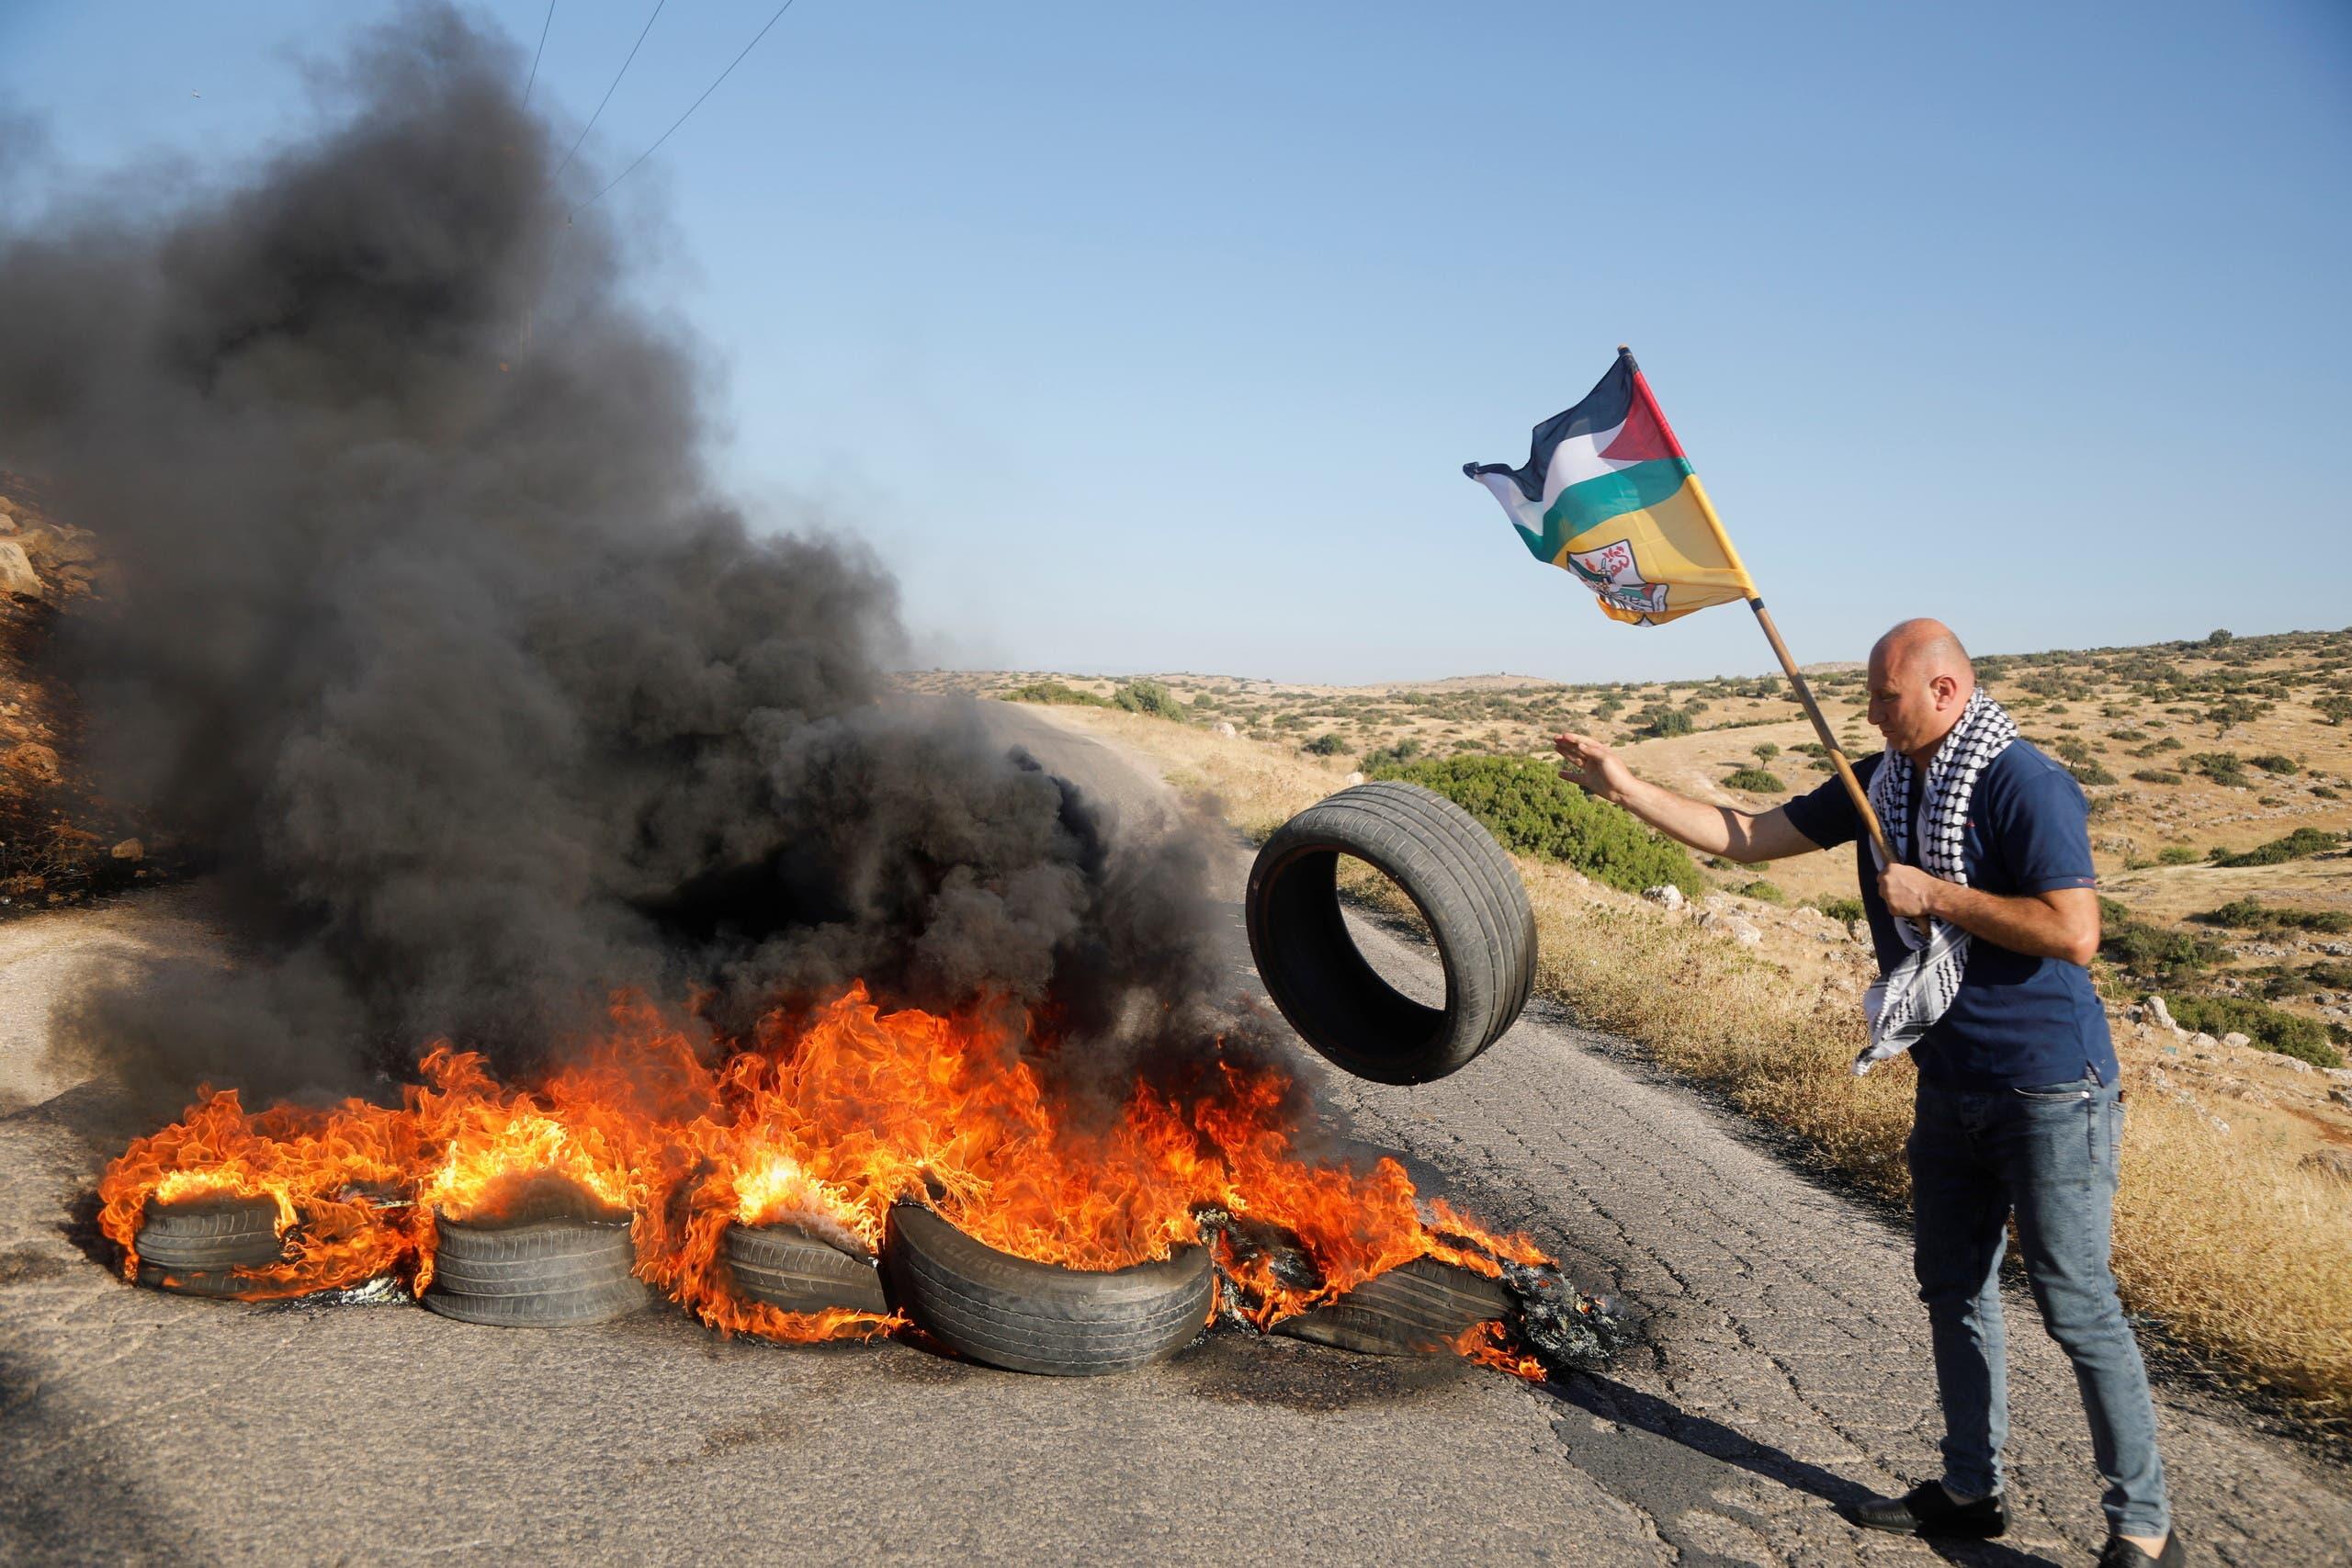 من تظاهرات الفلسطينيين بالضفة الغربية